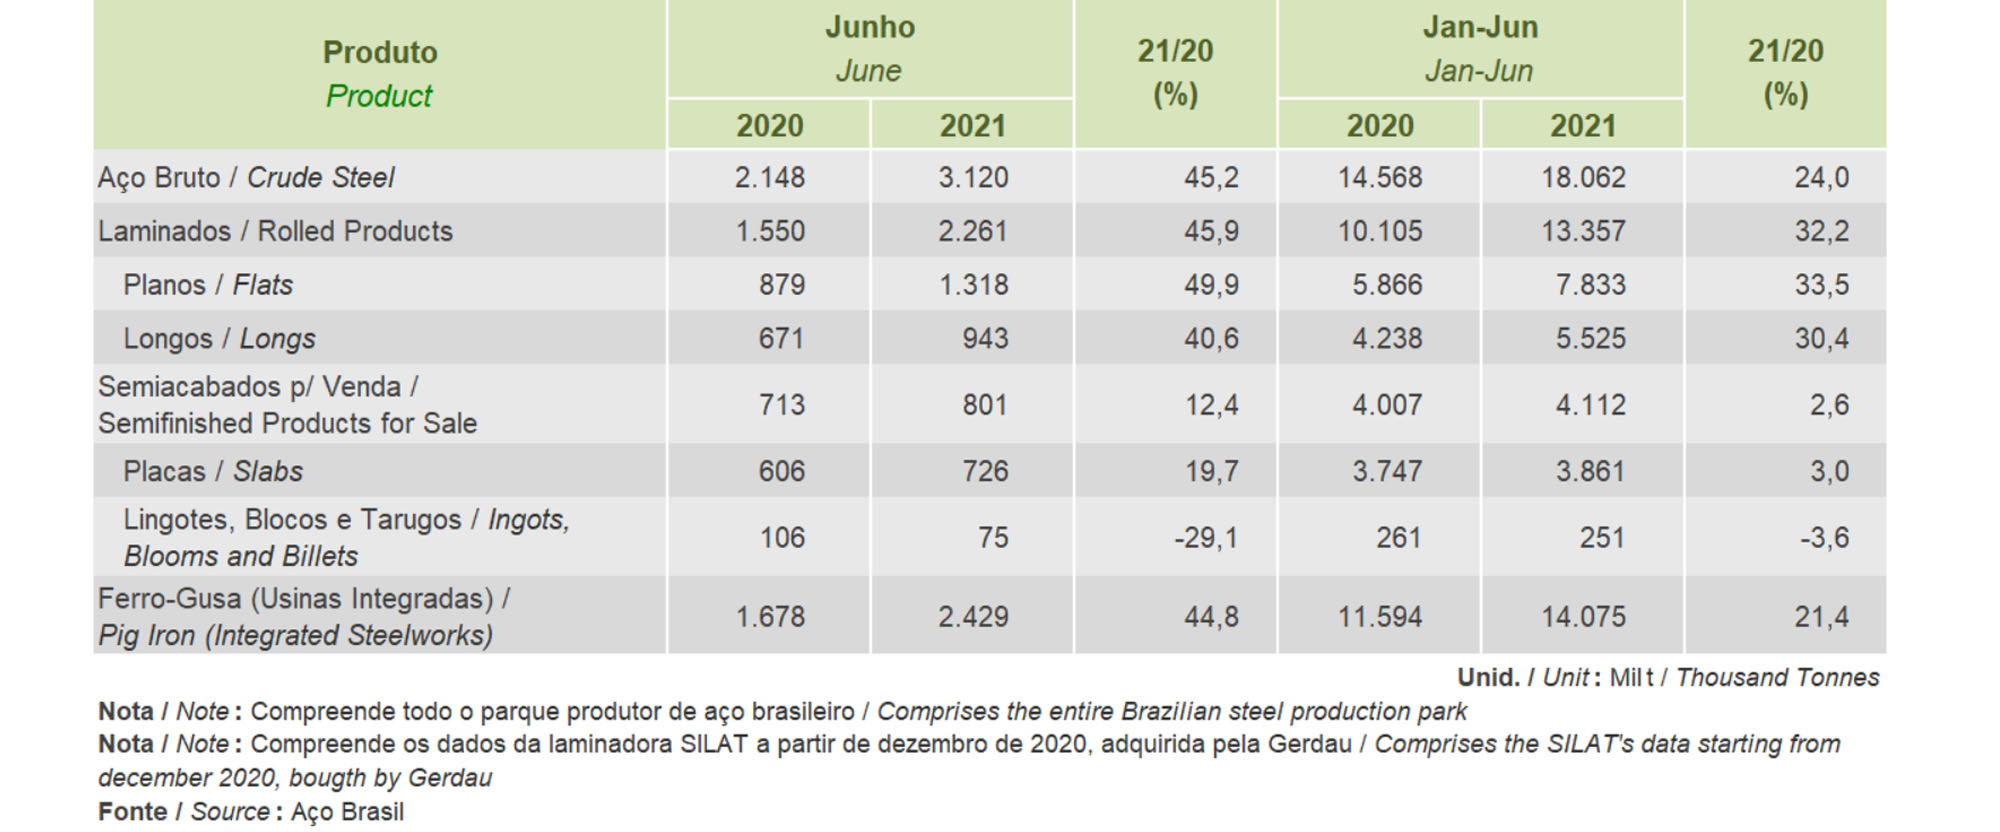 JUNHO 2021 - PRODUÇÃO SIDERÚRGICA BRASILEIRA